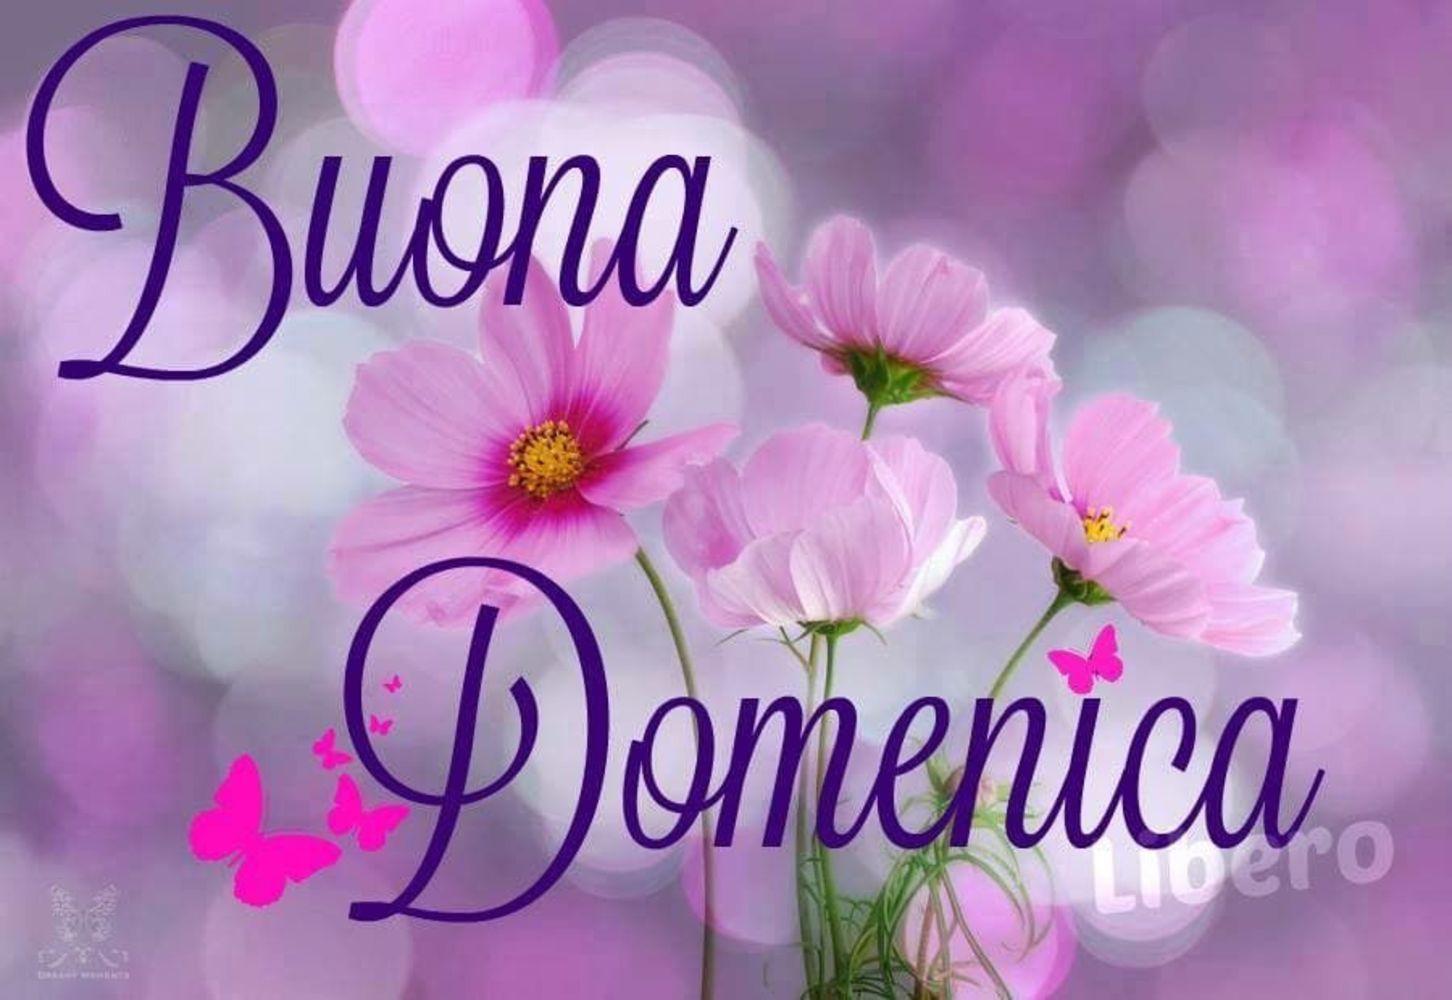 Buona-Domenica-017